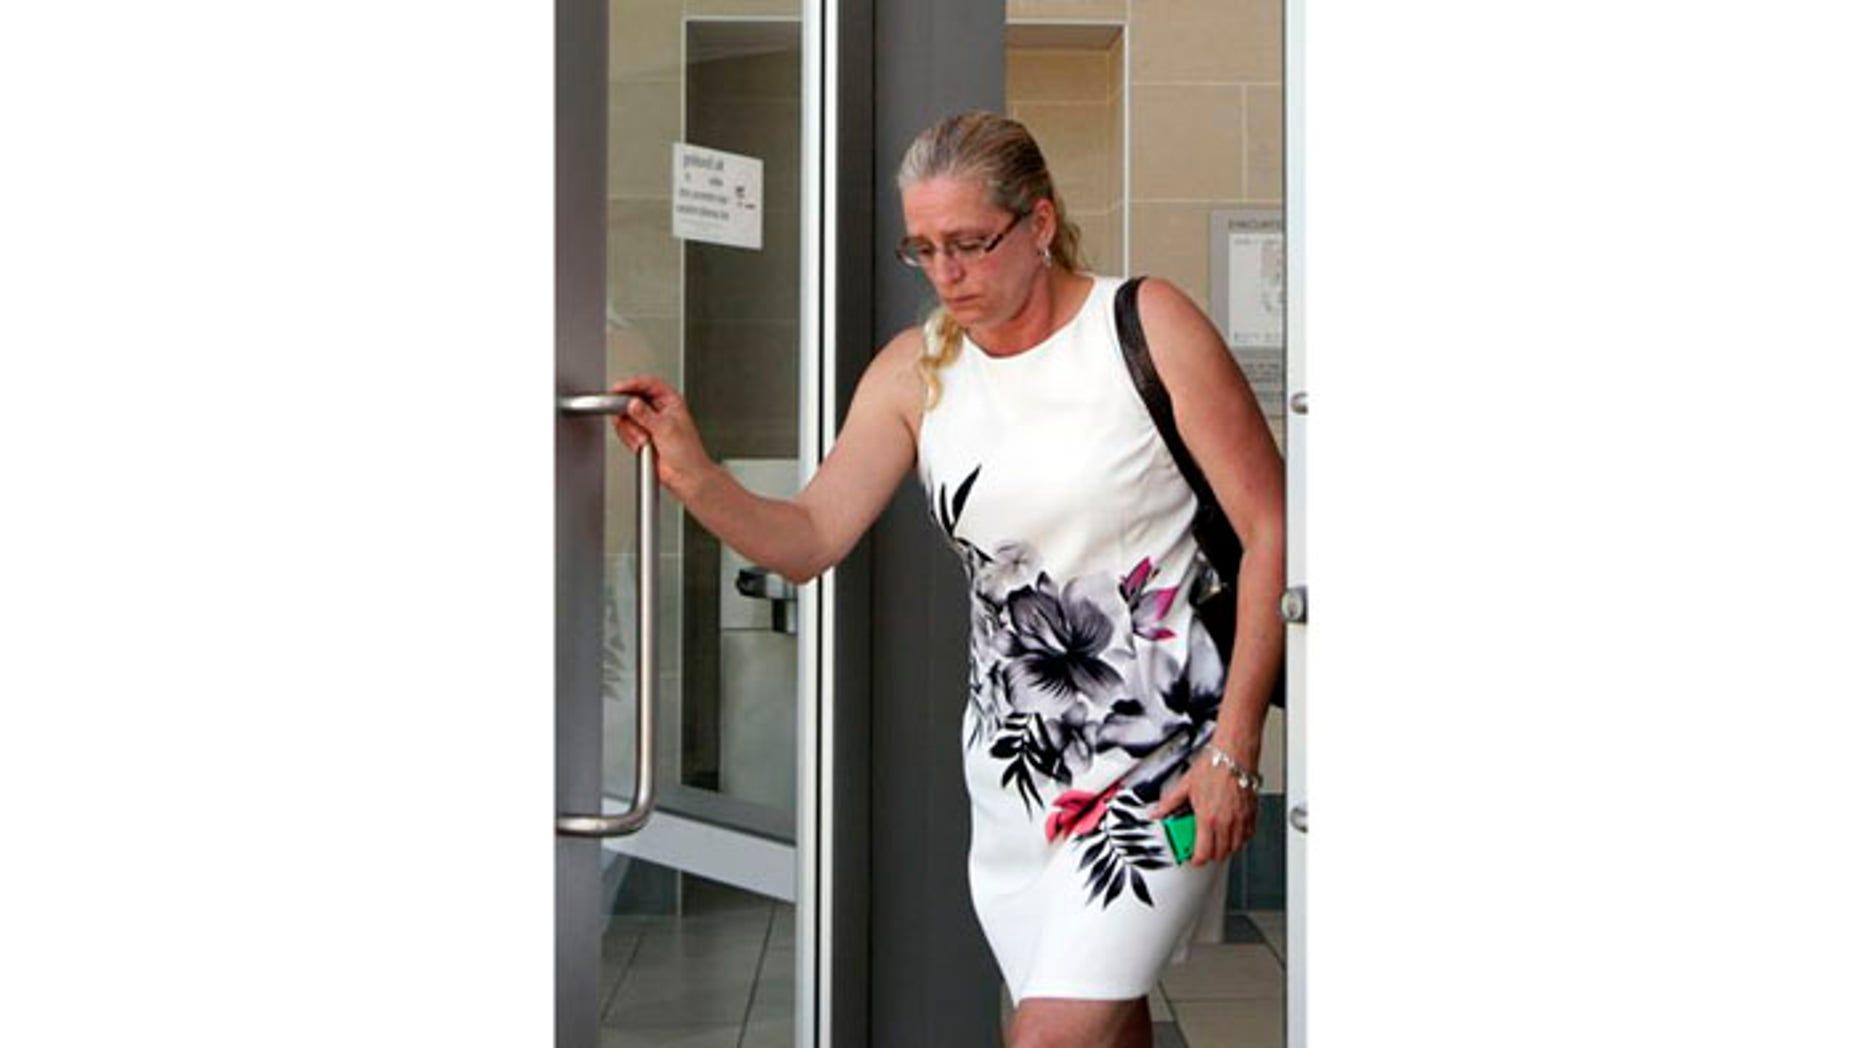 July 5: Kendra McInerney mother of murder defendant, Brandon McInerney, leaving court in Chatsworth, CA.